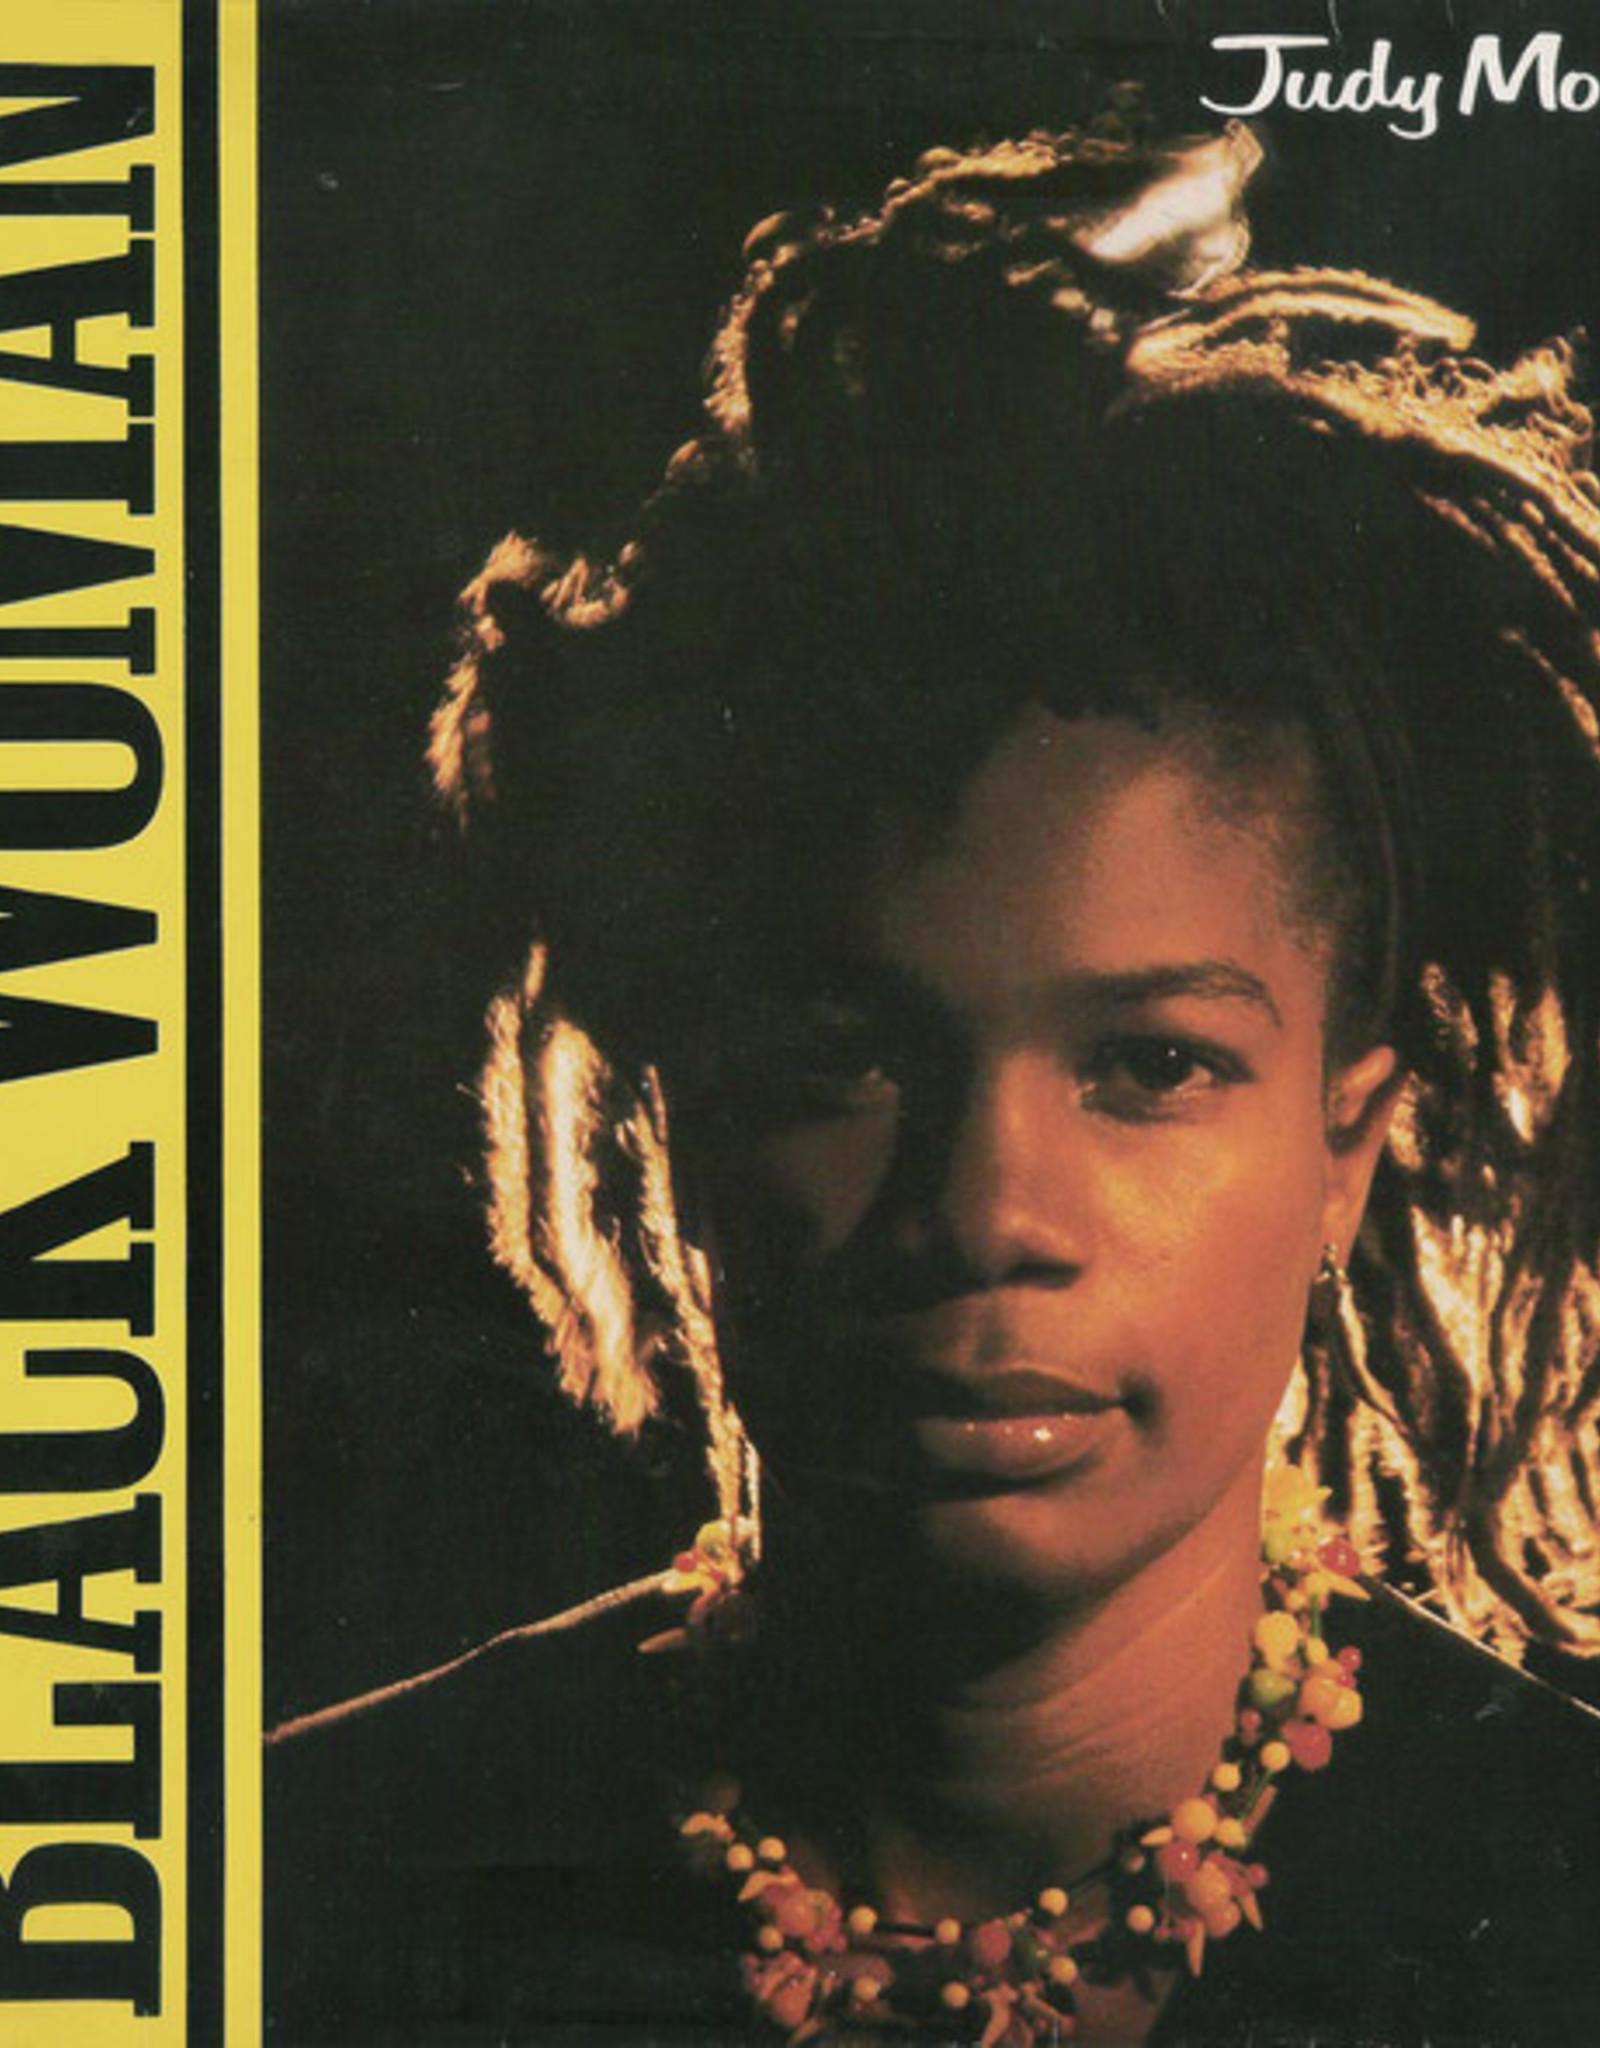 Judy Mowatt - Black Woman